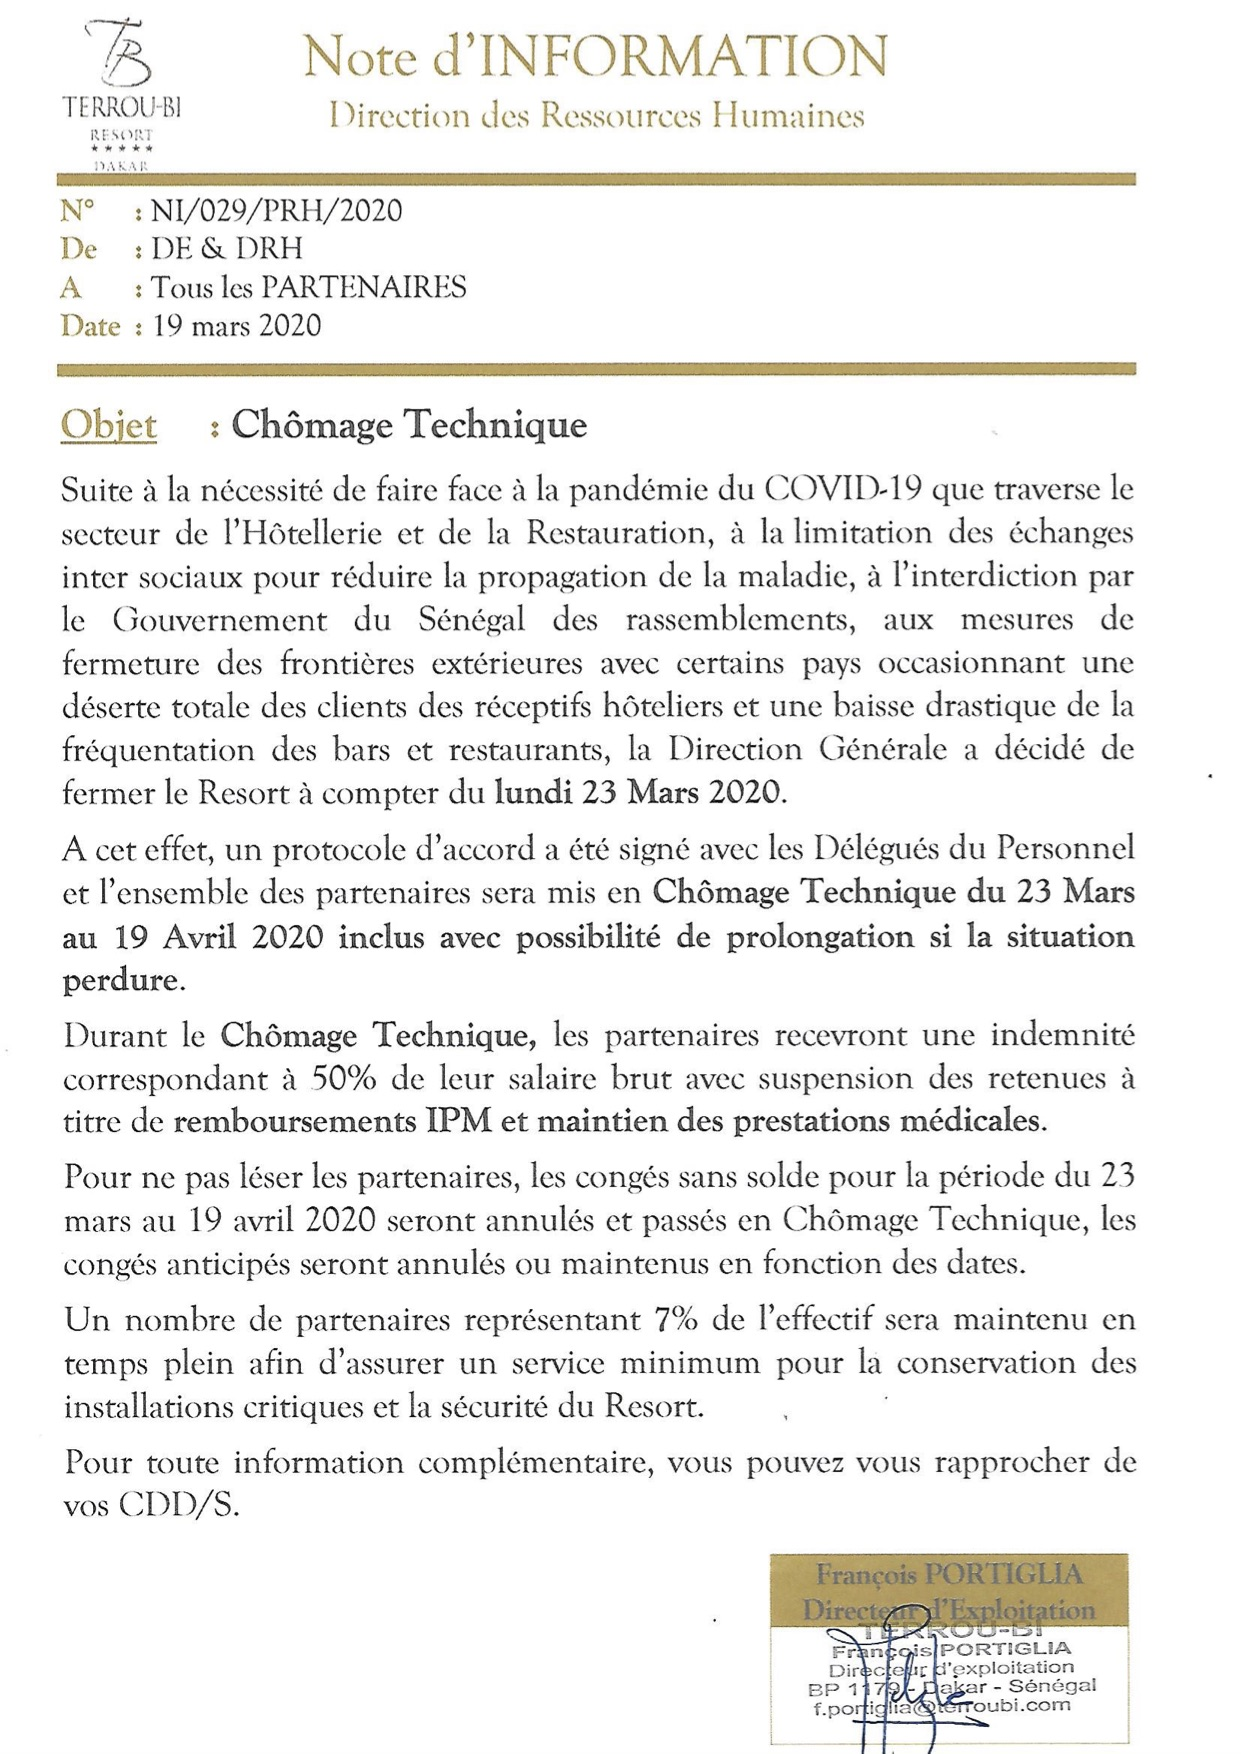 Chômage technique: L'hôtel Terrou-Bi libère quelques employés temporairement (François Portiglia, Directeur d'exploitation )